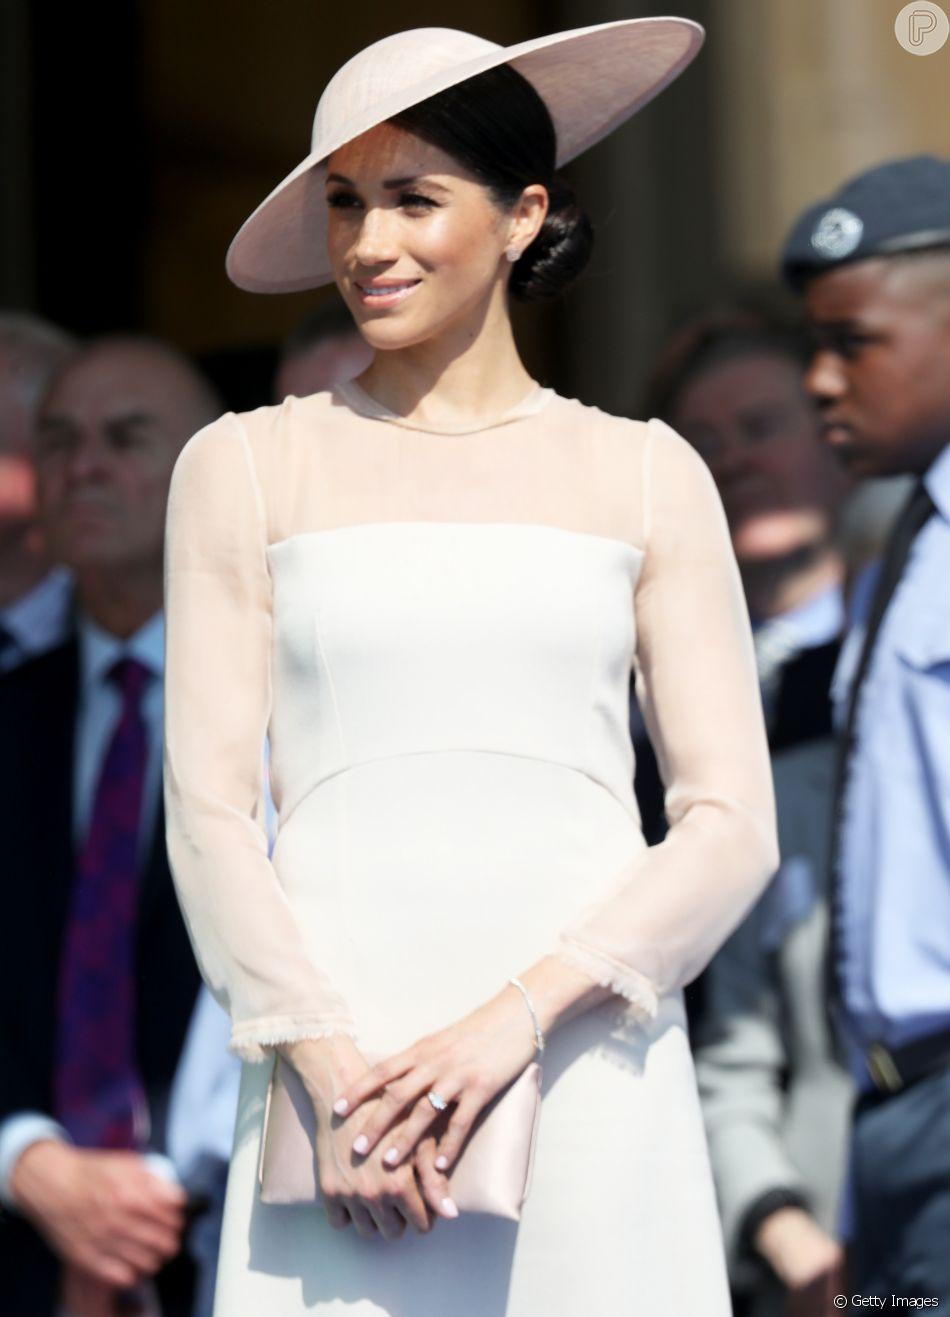 Minimalista! Meghan Markle, duquesa de Sussex, apostou em look clean durante primeira aparição pública após casamento com Harry